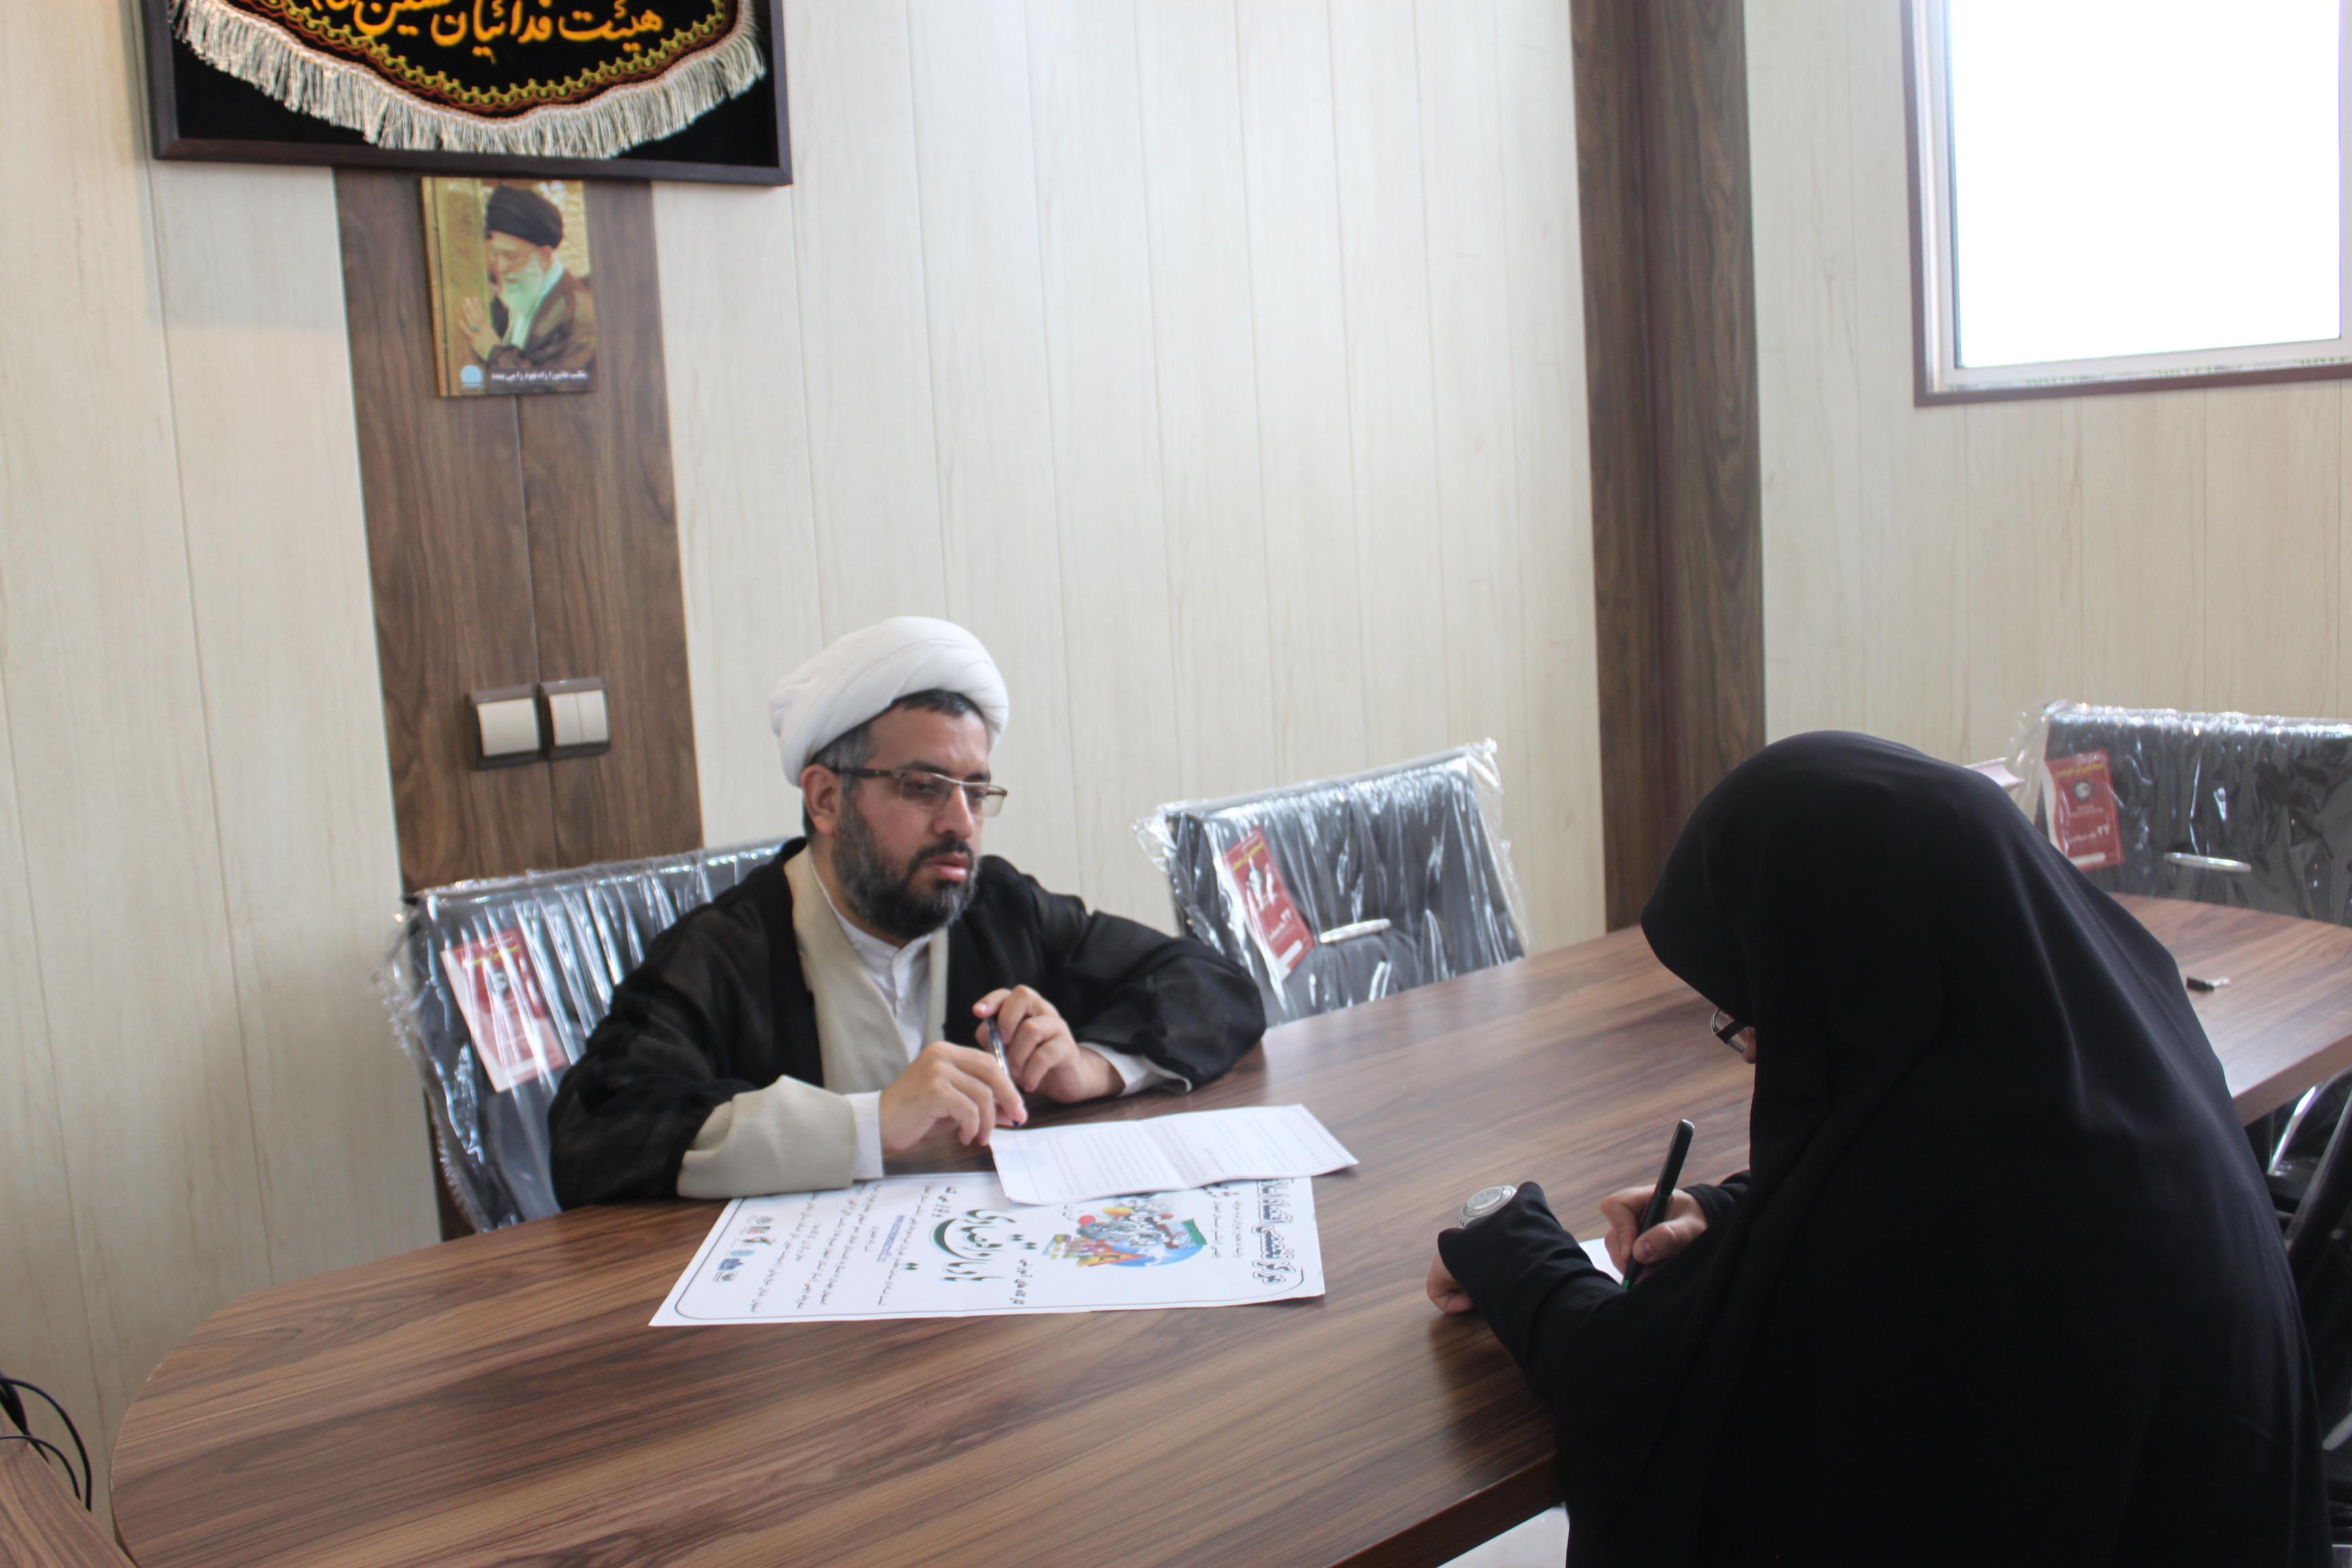 امسال سالِ شکوفایی مجمع رهروان امر به معروف و نهی از منکر اصفهان خواهد بود.